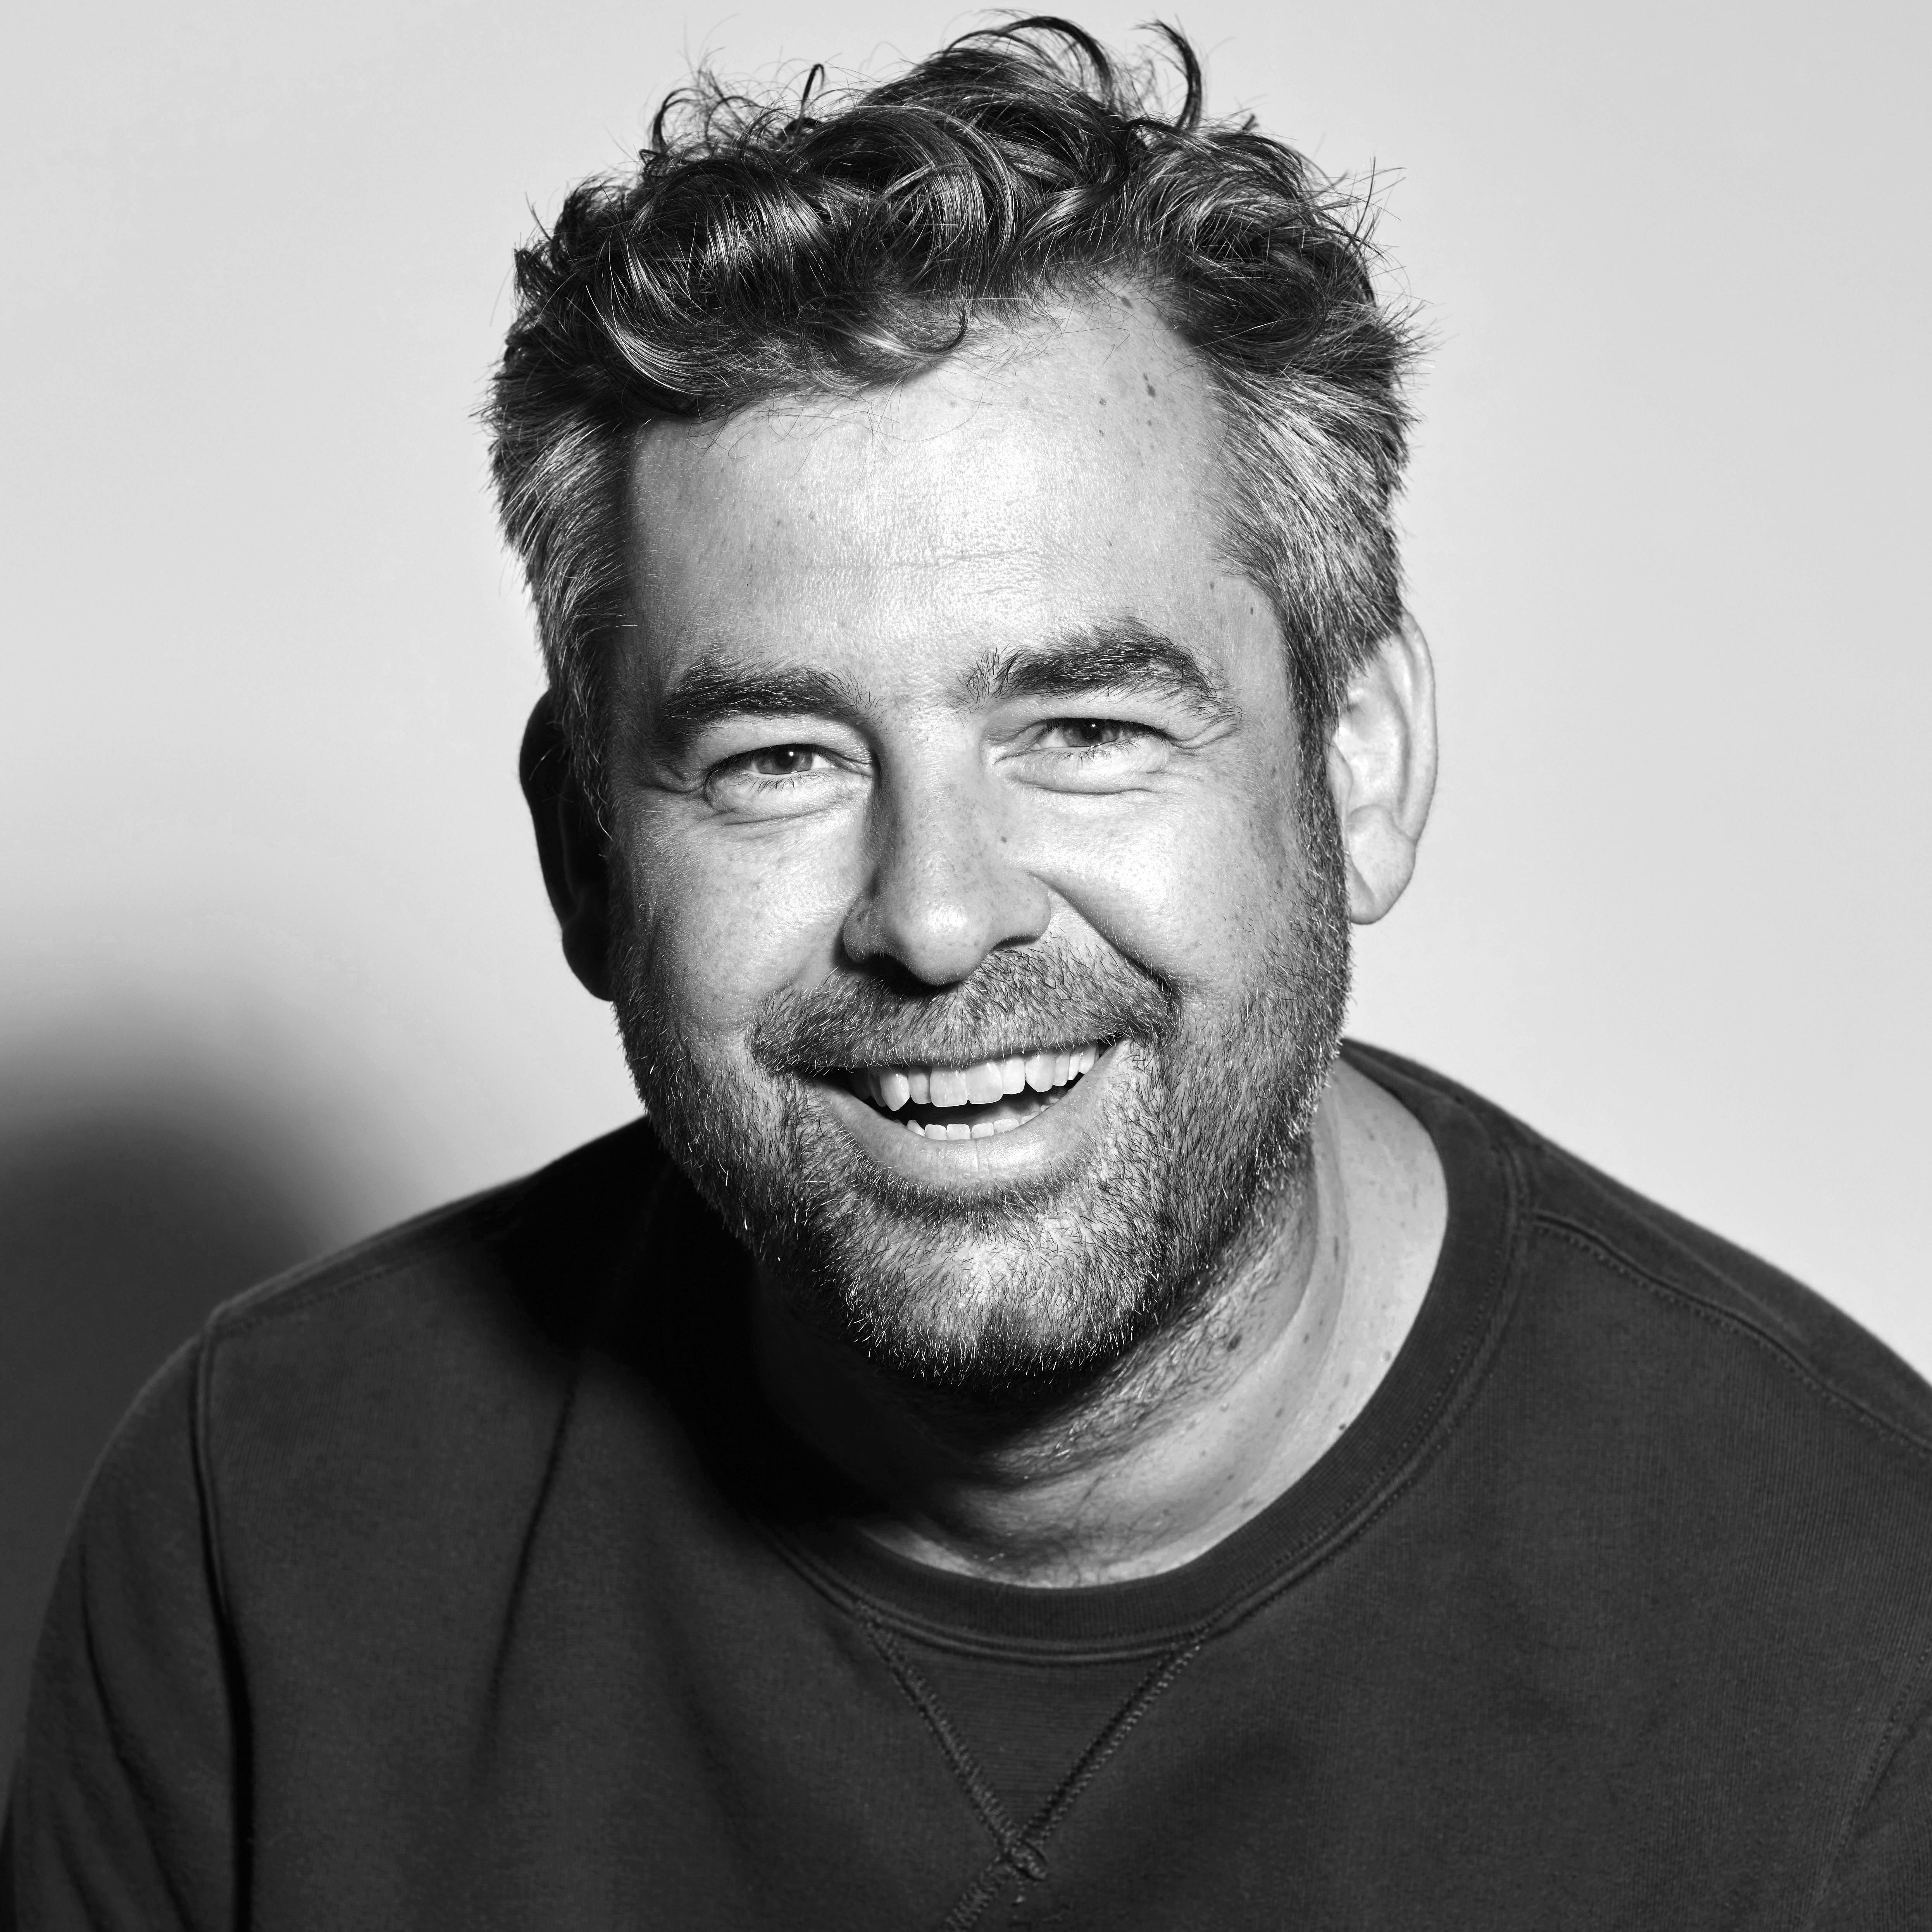 Olaf van Gerwen